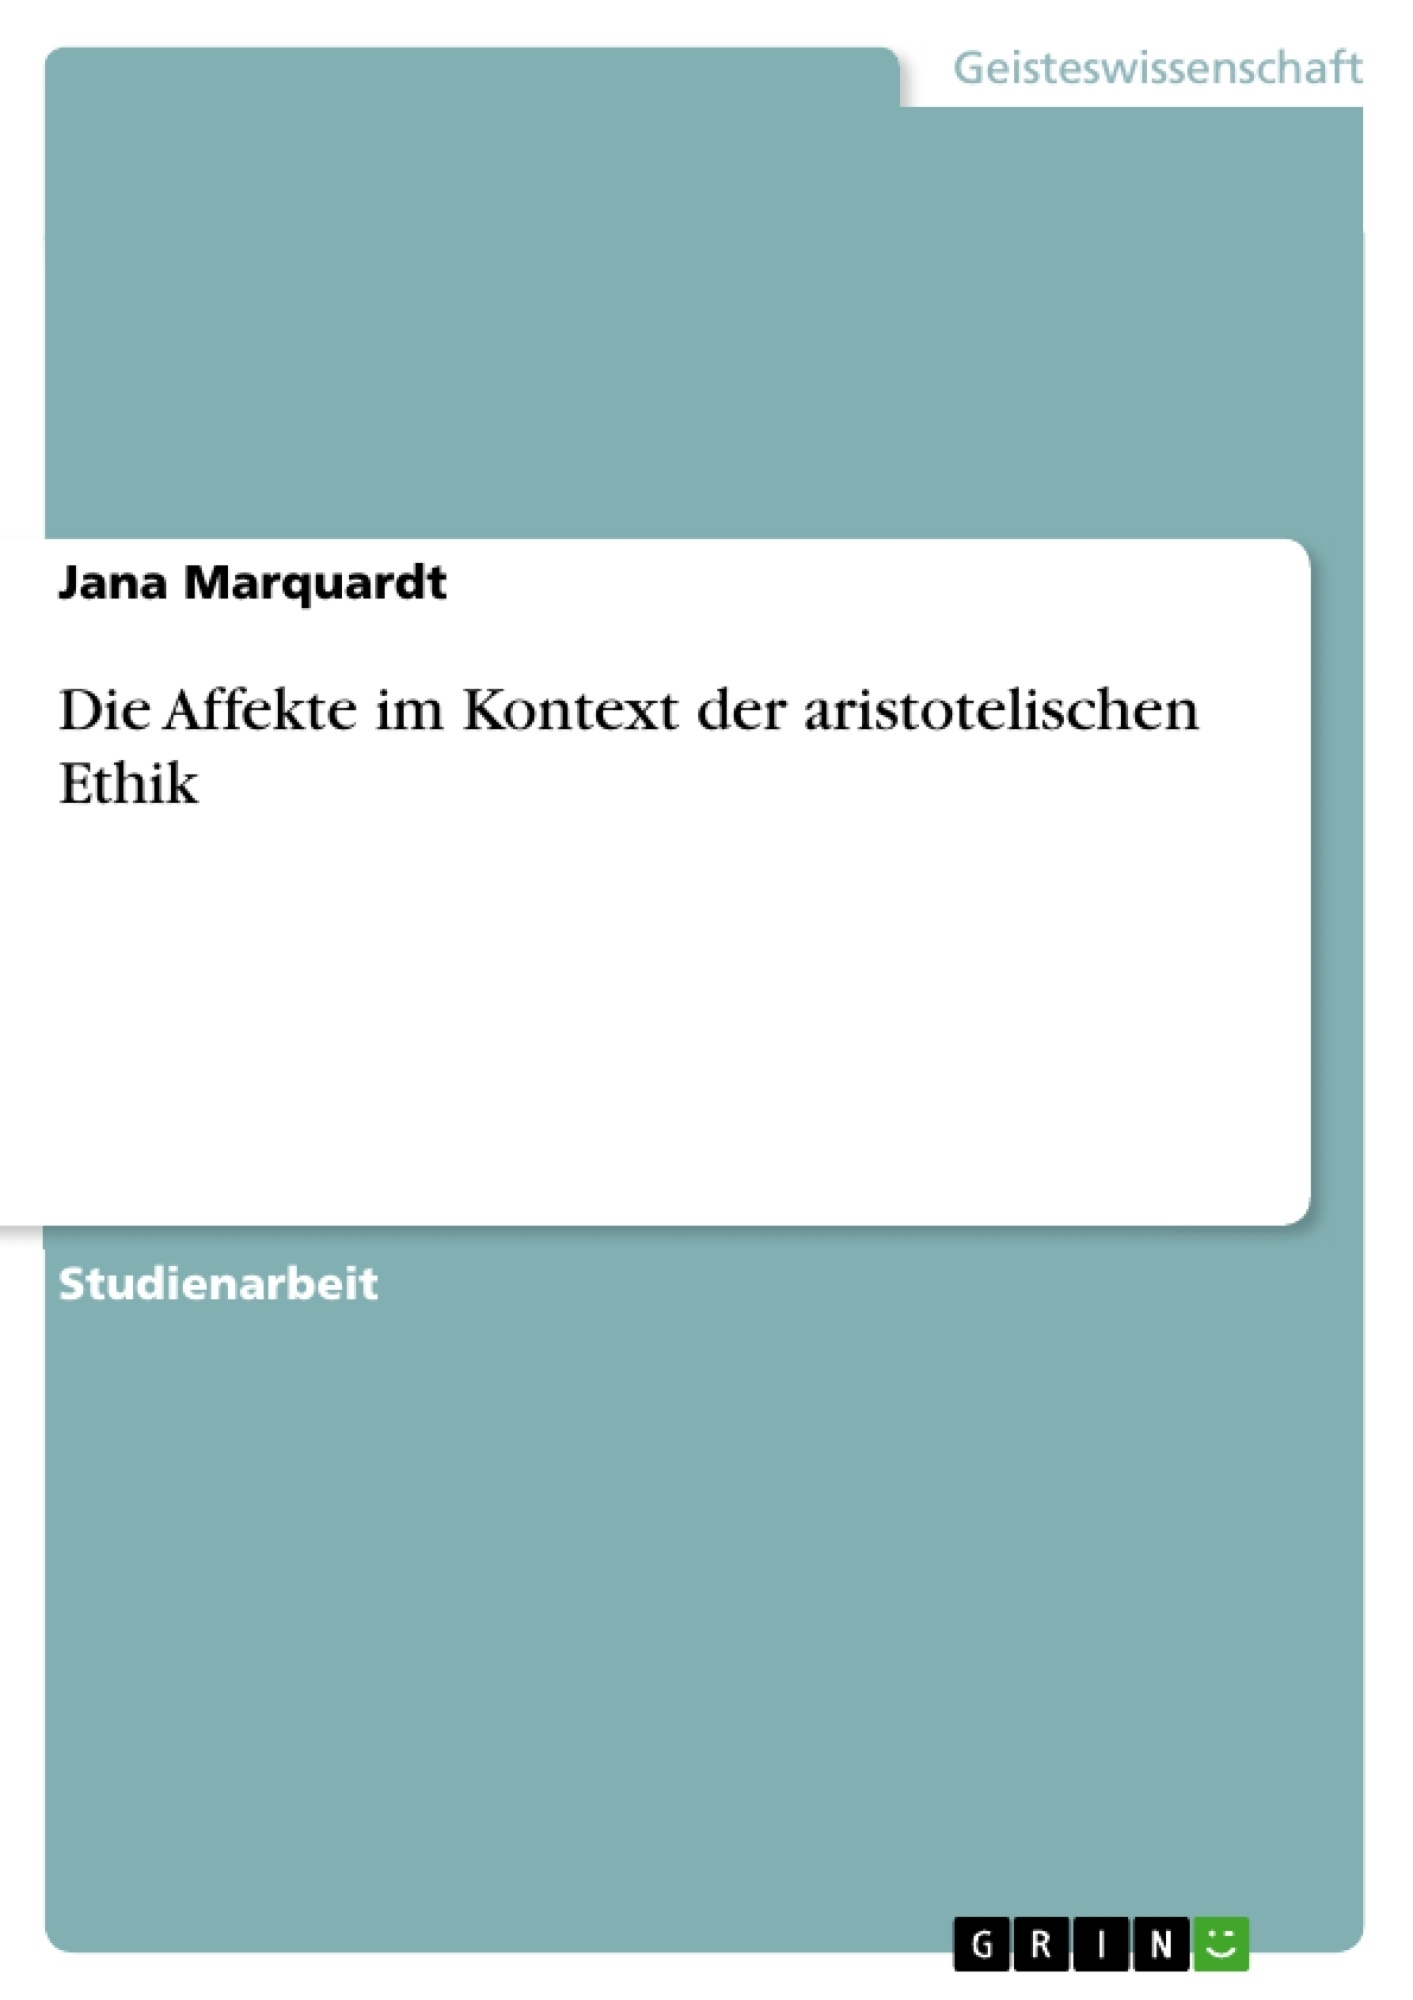 Titel: Die Affekte im Kontext der aristotelischen Ethik